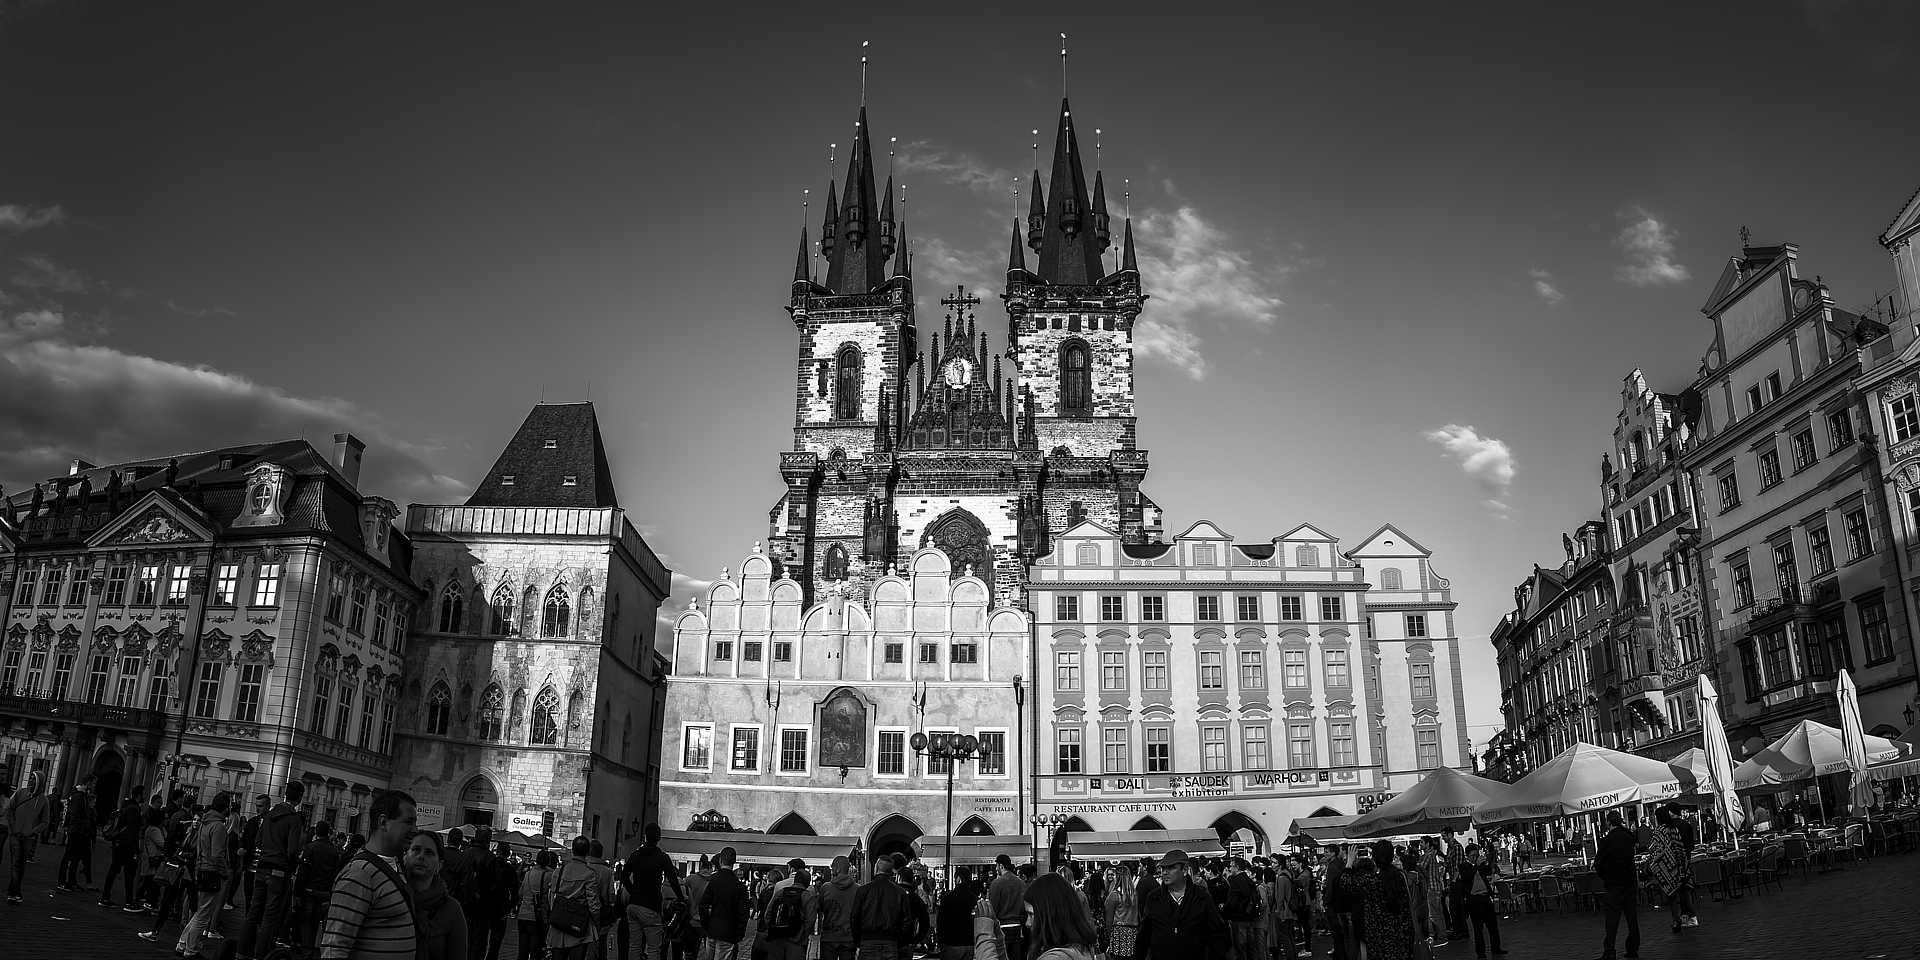 Live your Life - descubre Praga - Staroměstské náměstí & Pražský orloj